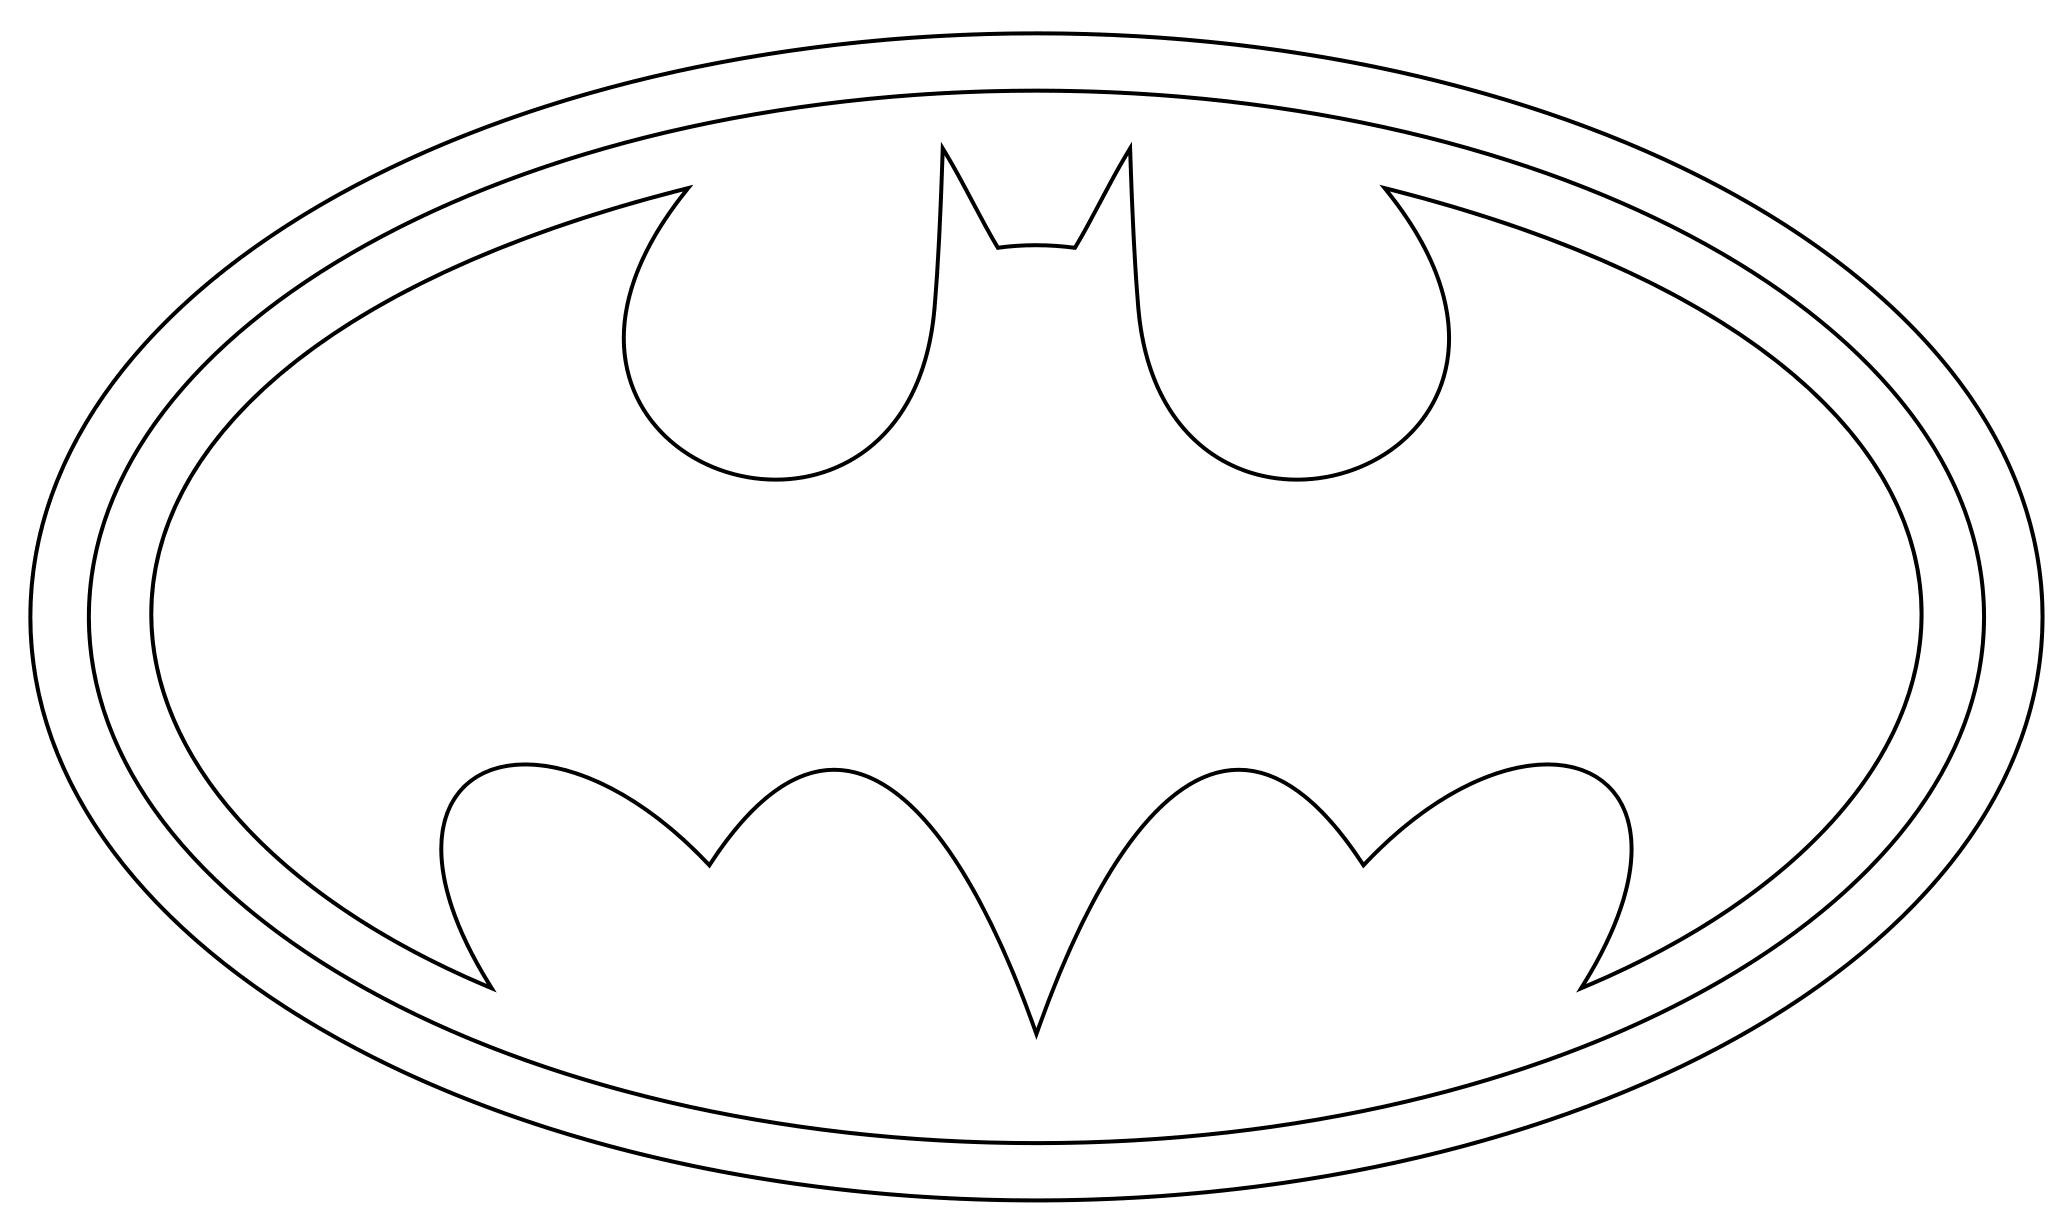 batman template s quotbatman logoquot batman begins dark knight rises dc template batman